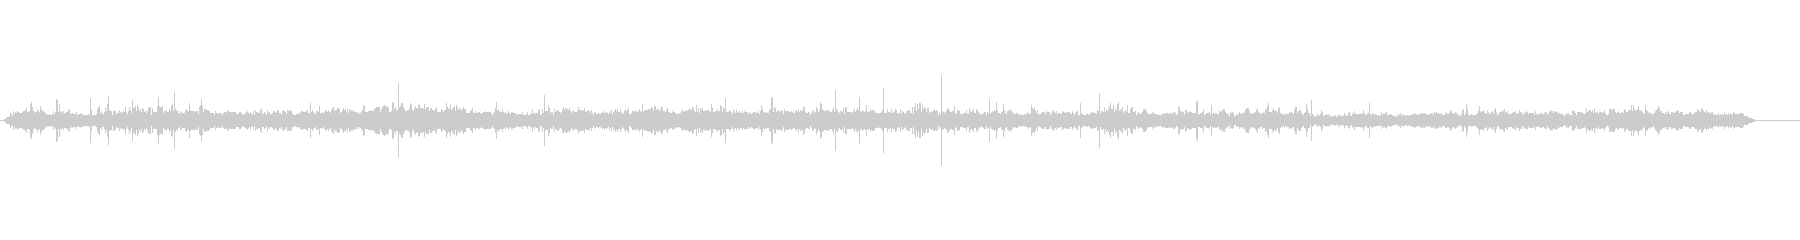 声のつぶやき0-30外の声のうわさの未再生の波形